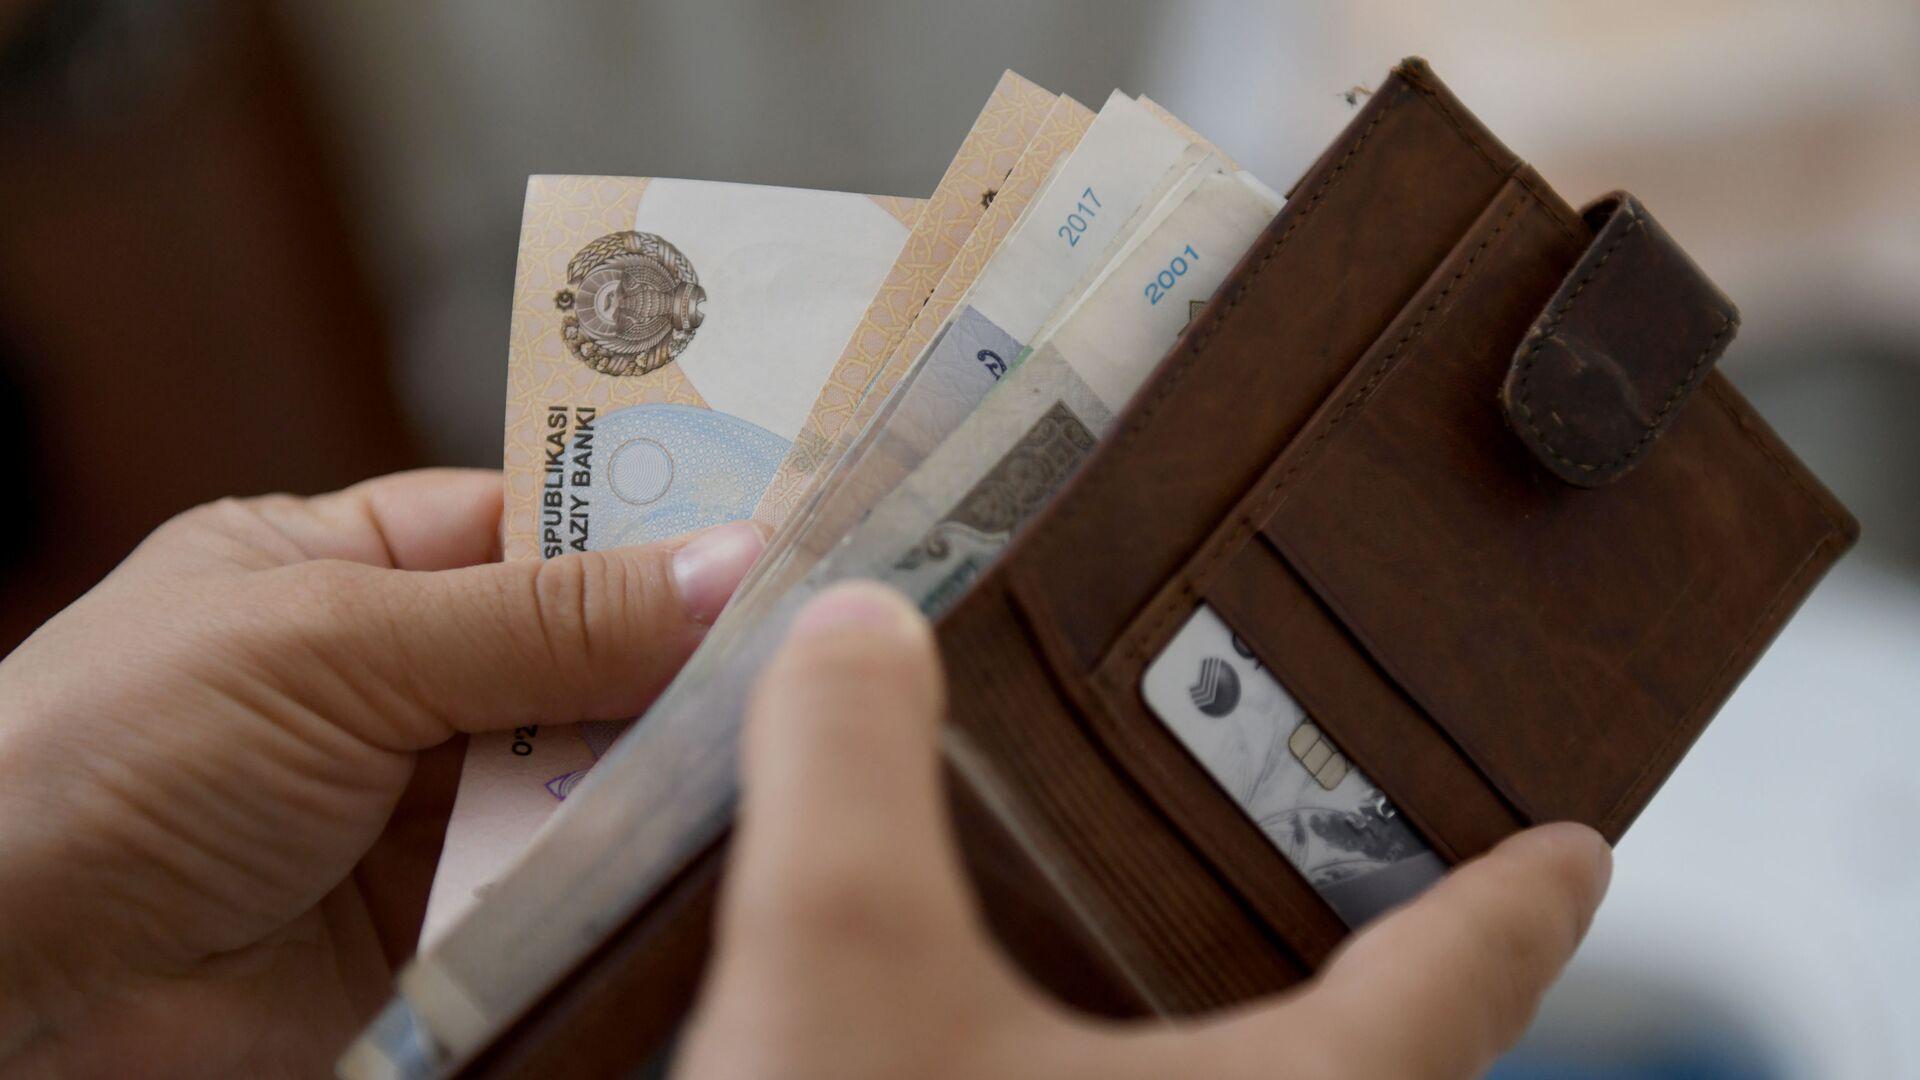 Национальная валюта Узбекистана — сум - Sputnik Узбекистан, 1920, 29.09.2021